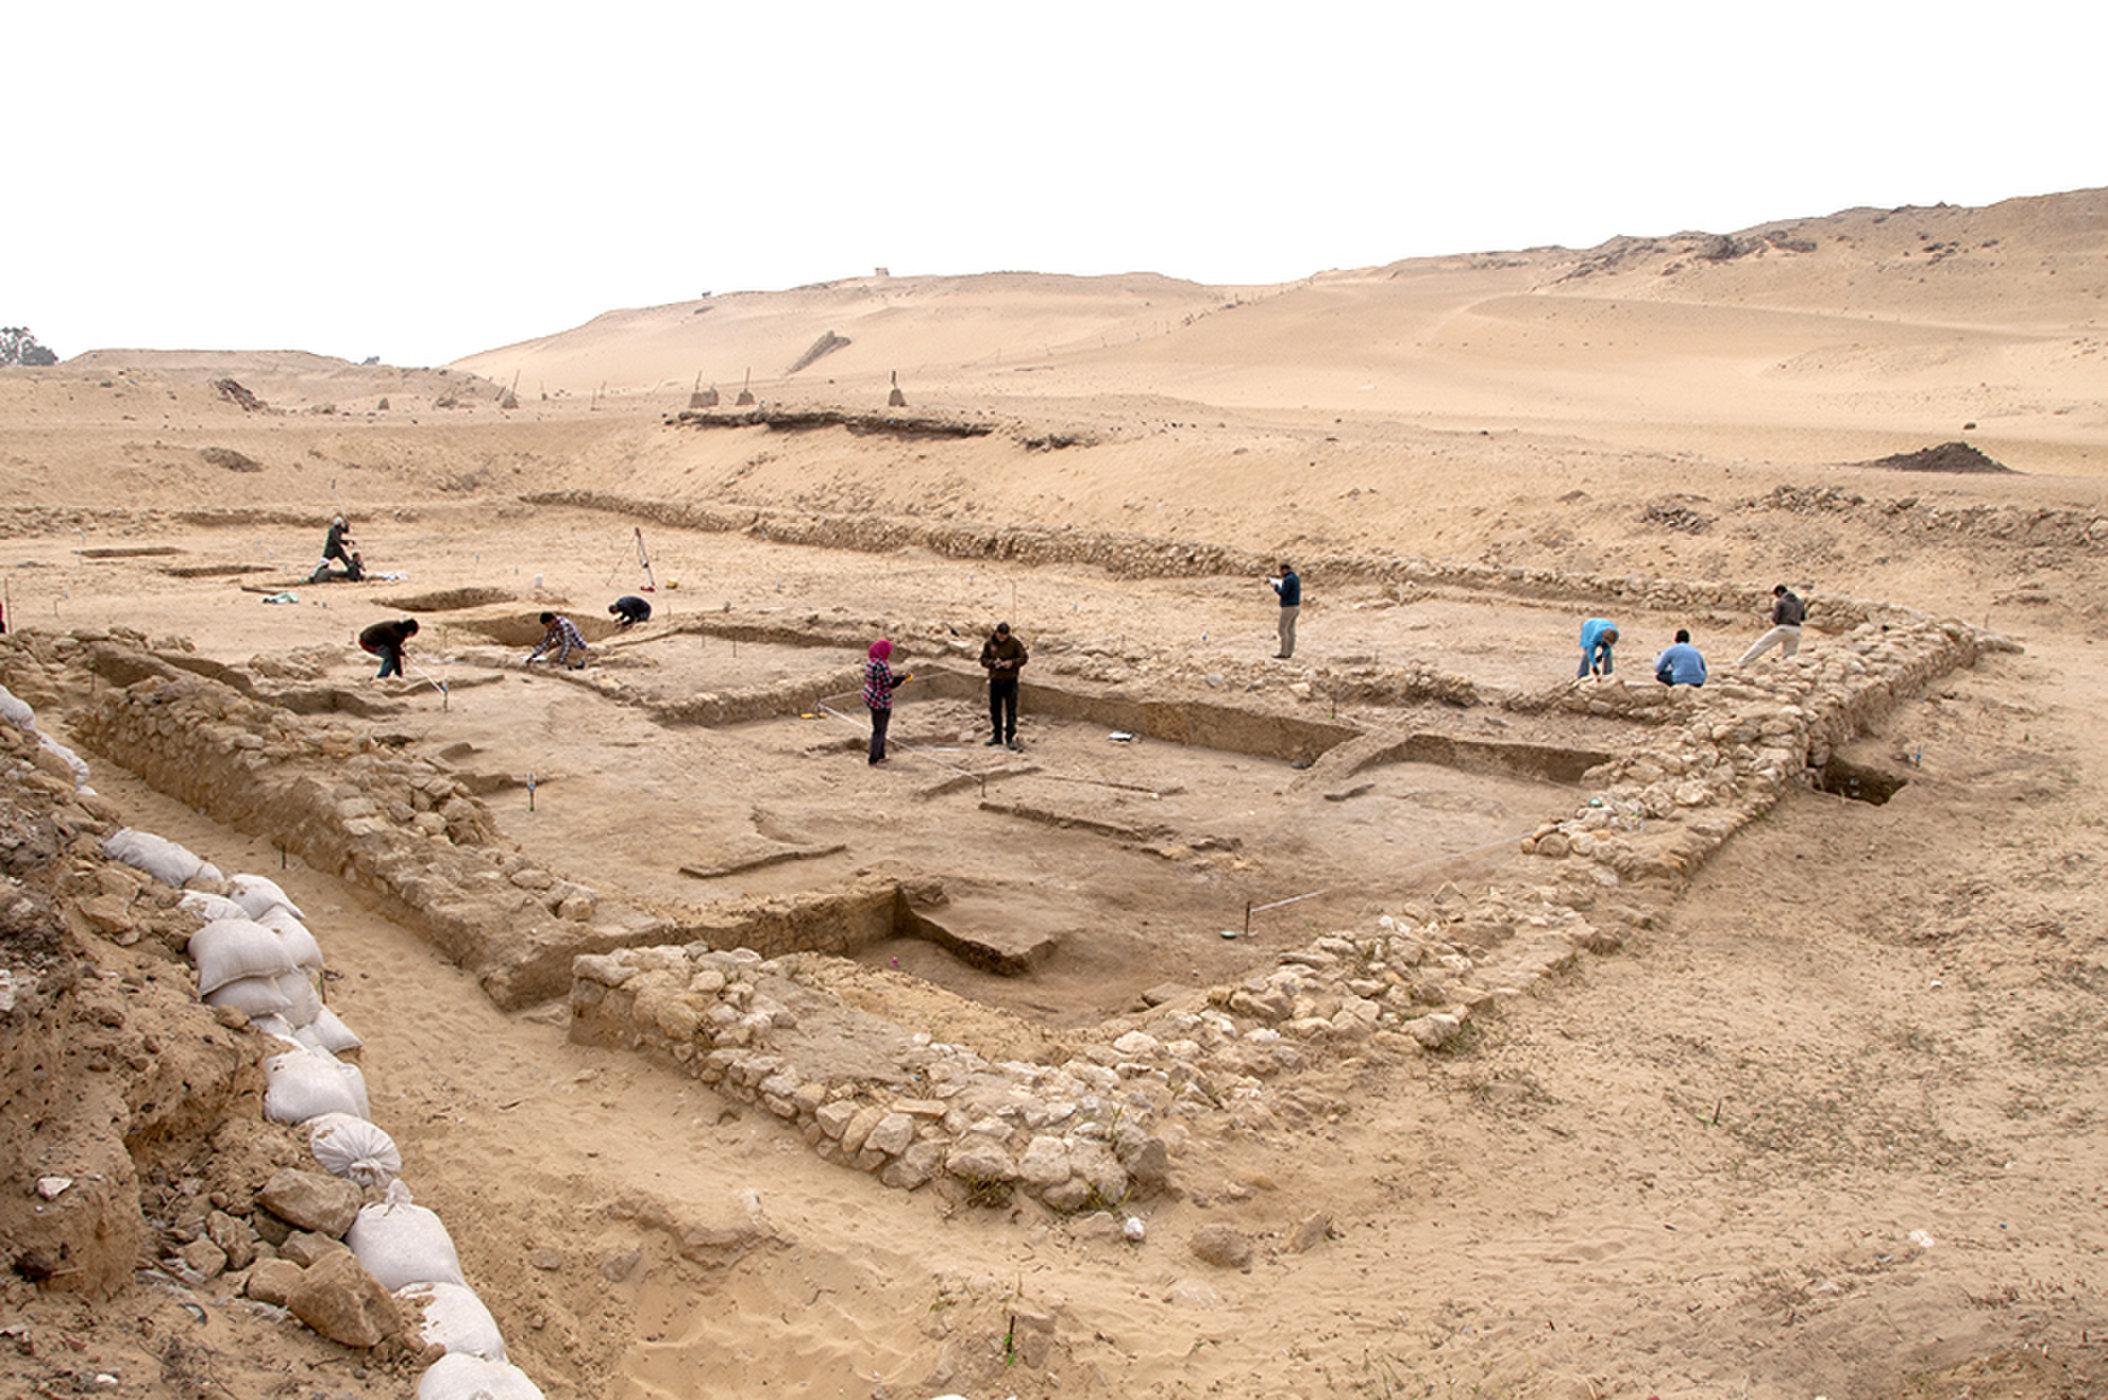 Se encontraron dos casas de 4.500 años de antigüedad cerca de las pirámides en Egipto